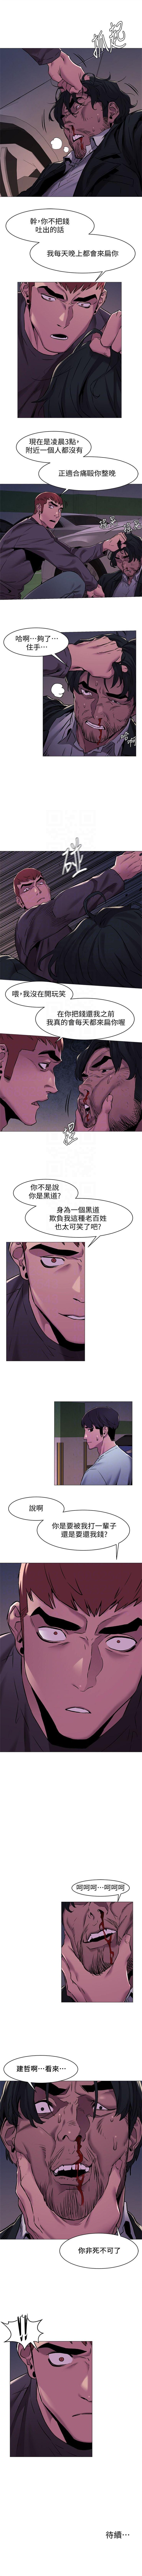 (週5)衝突 1-94 中文翻譯 (更新中) 358